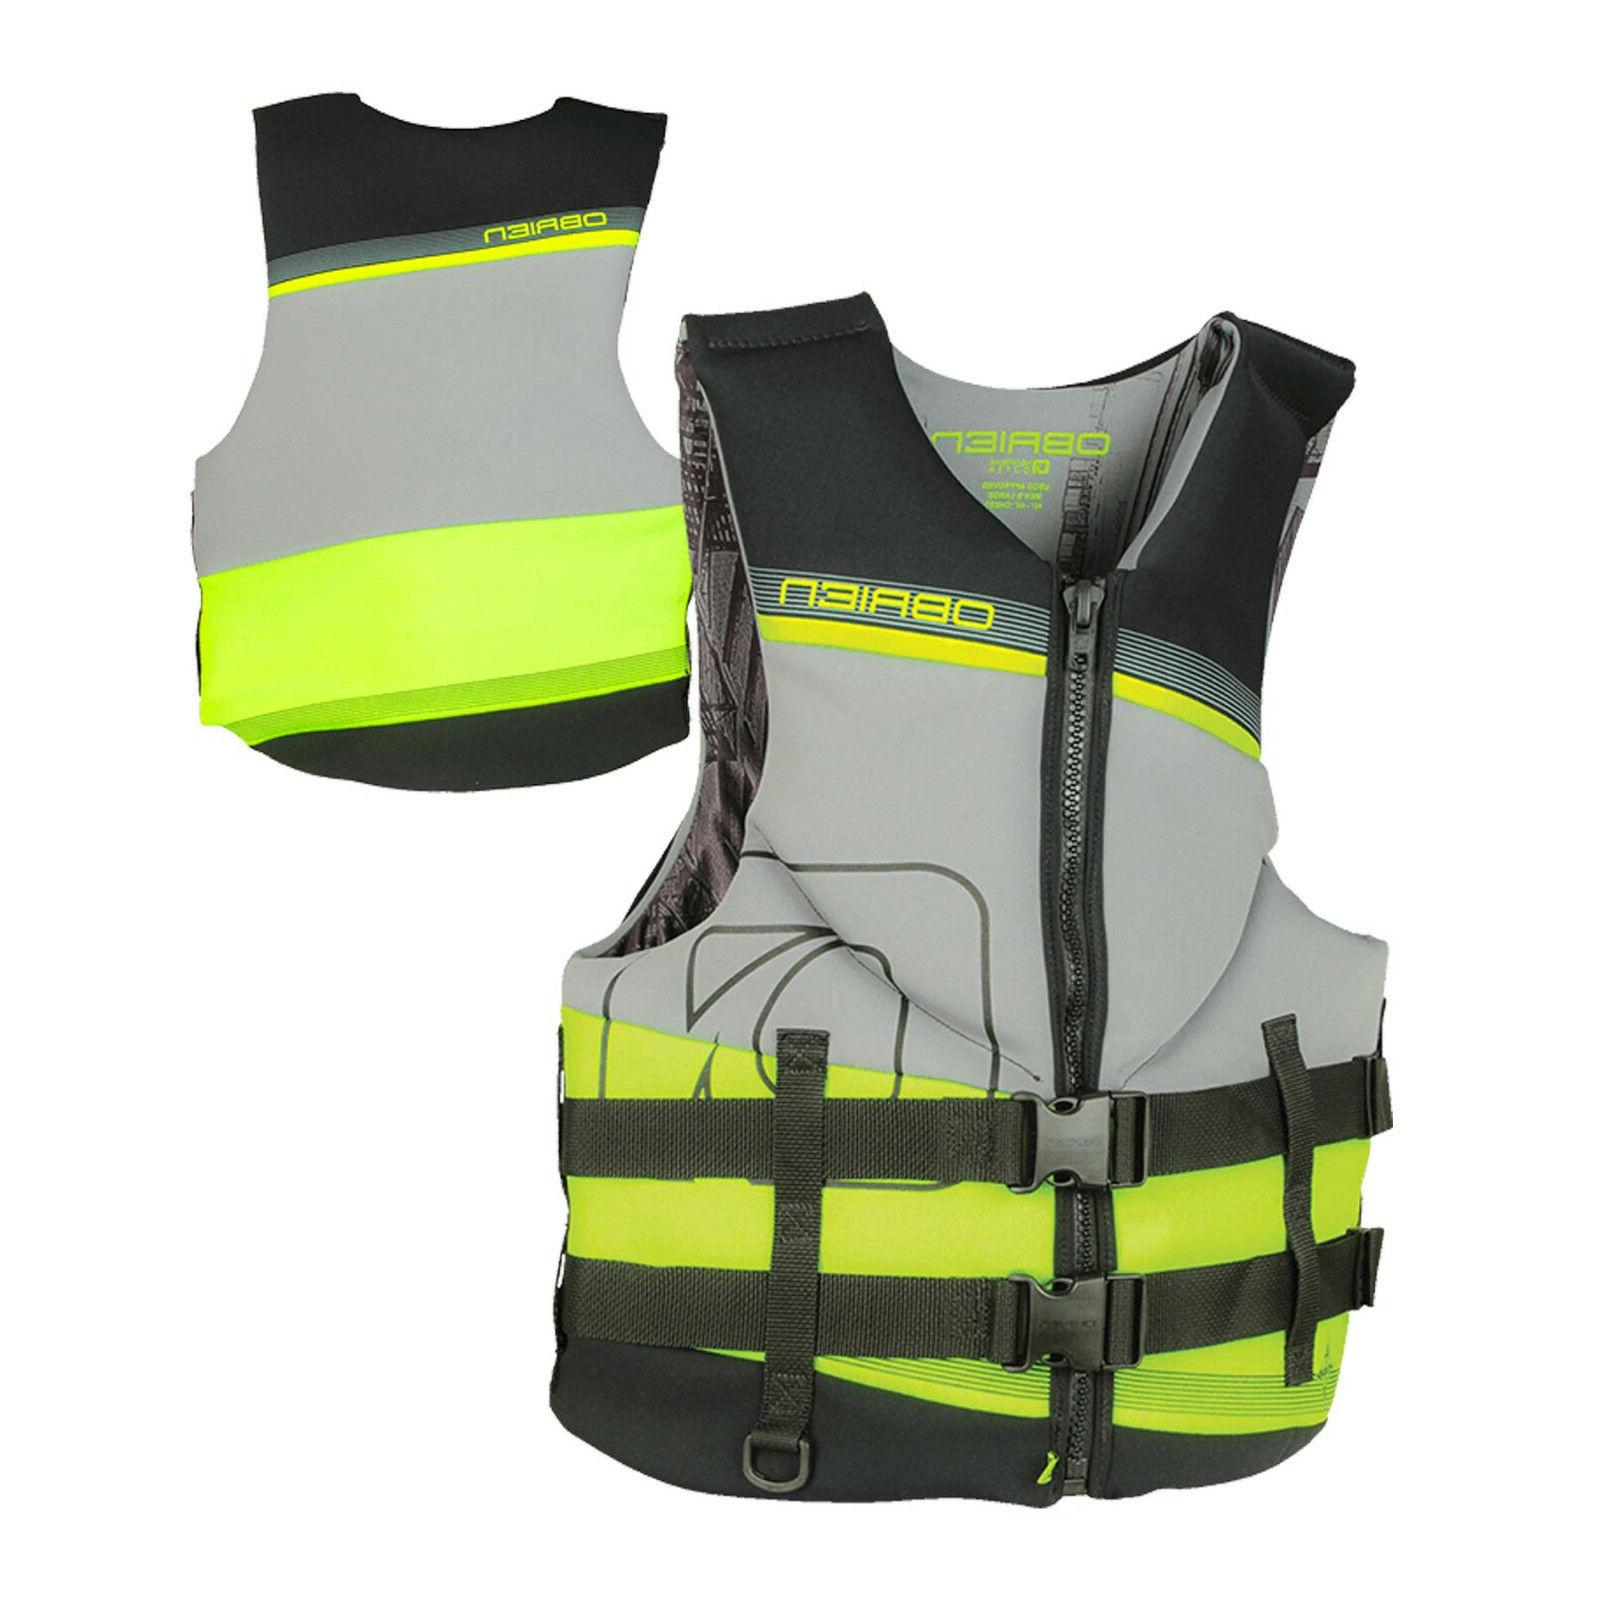 new o brien mens tech life jacket